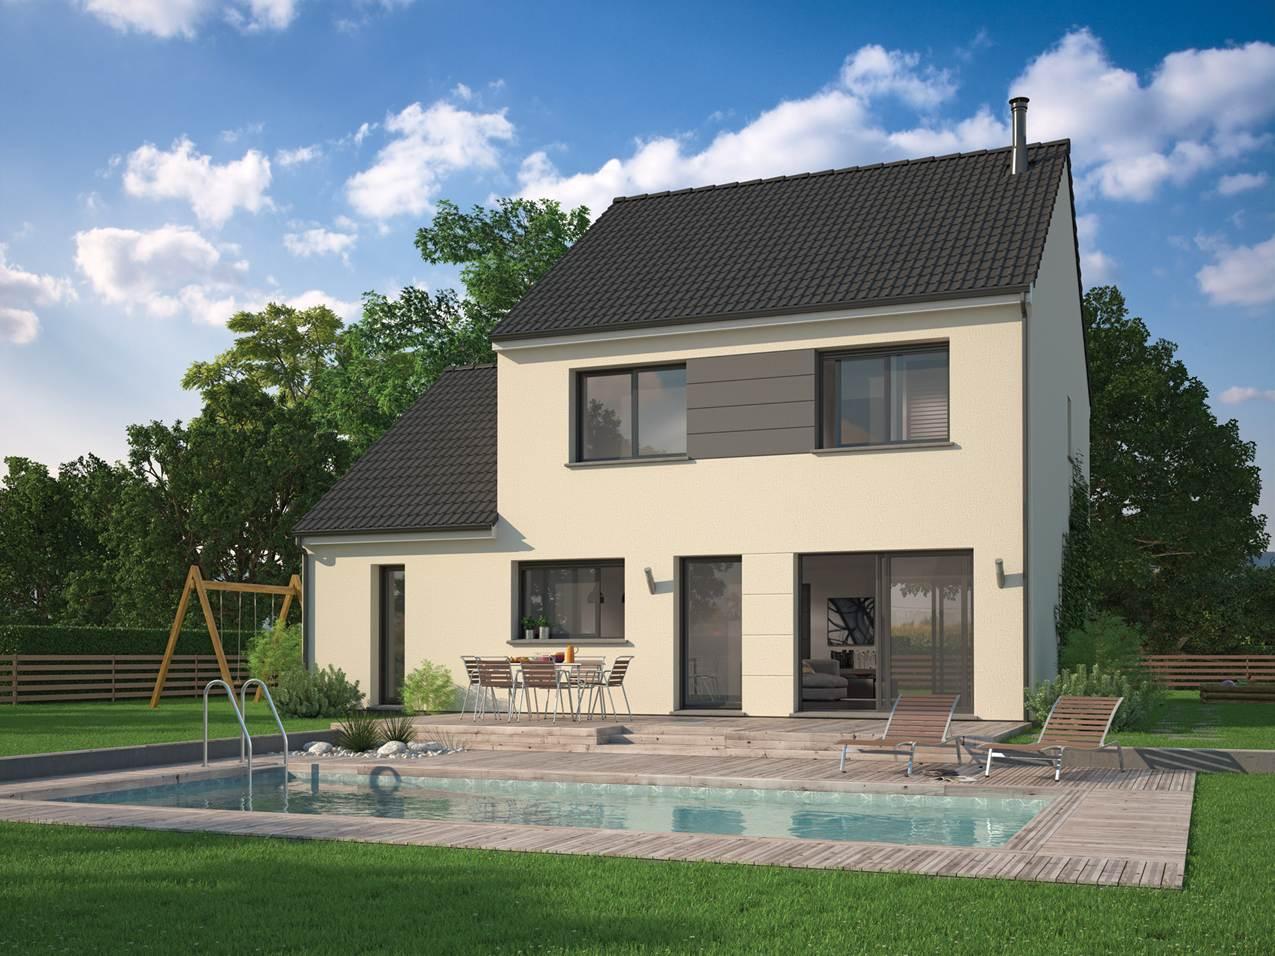 Maisons + Terrains du constructeur MAISON FAMILIALE VILLE DU BOIS • 95 m² • ARPAJON